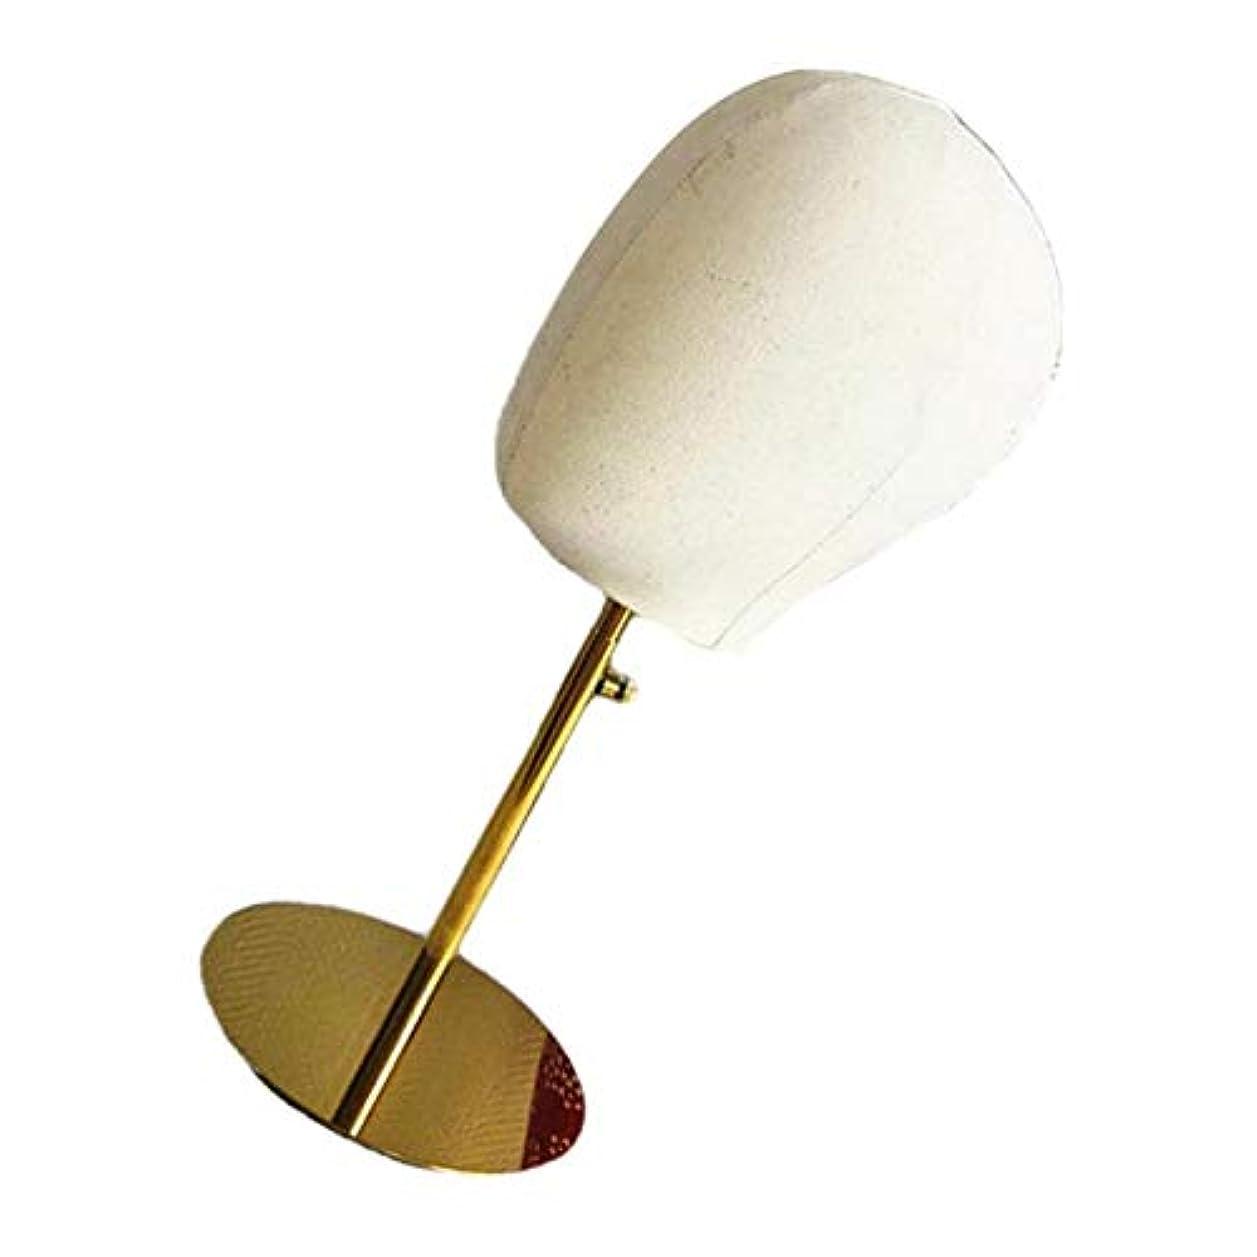 知っているに立ち寄る紀元前怒るSM SunniMix ウィッグ スタンド マネキンヘッド ヘッドモデル 調整可能な かつら 帽子 ディスプレイ 全2種 - 2